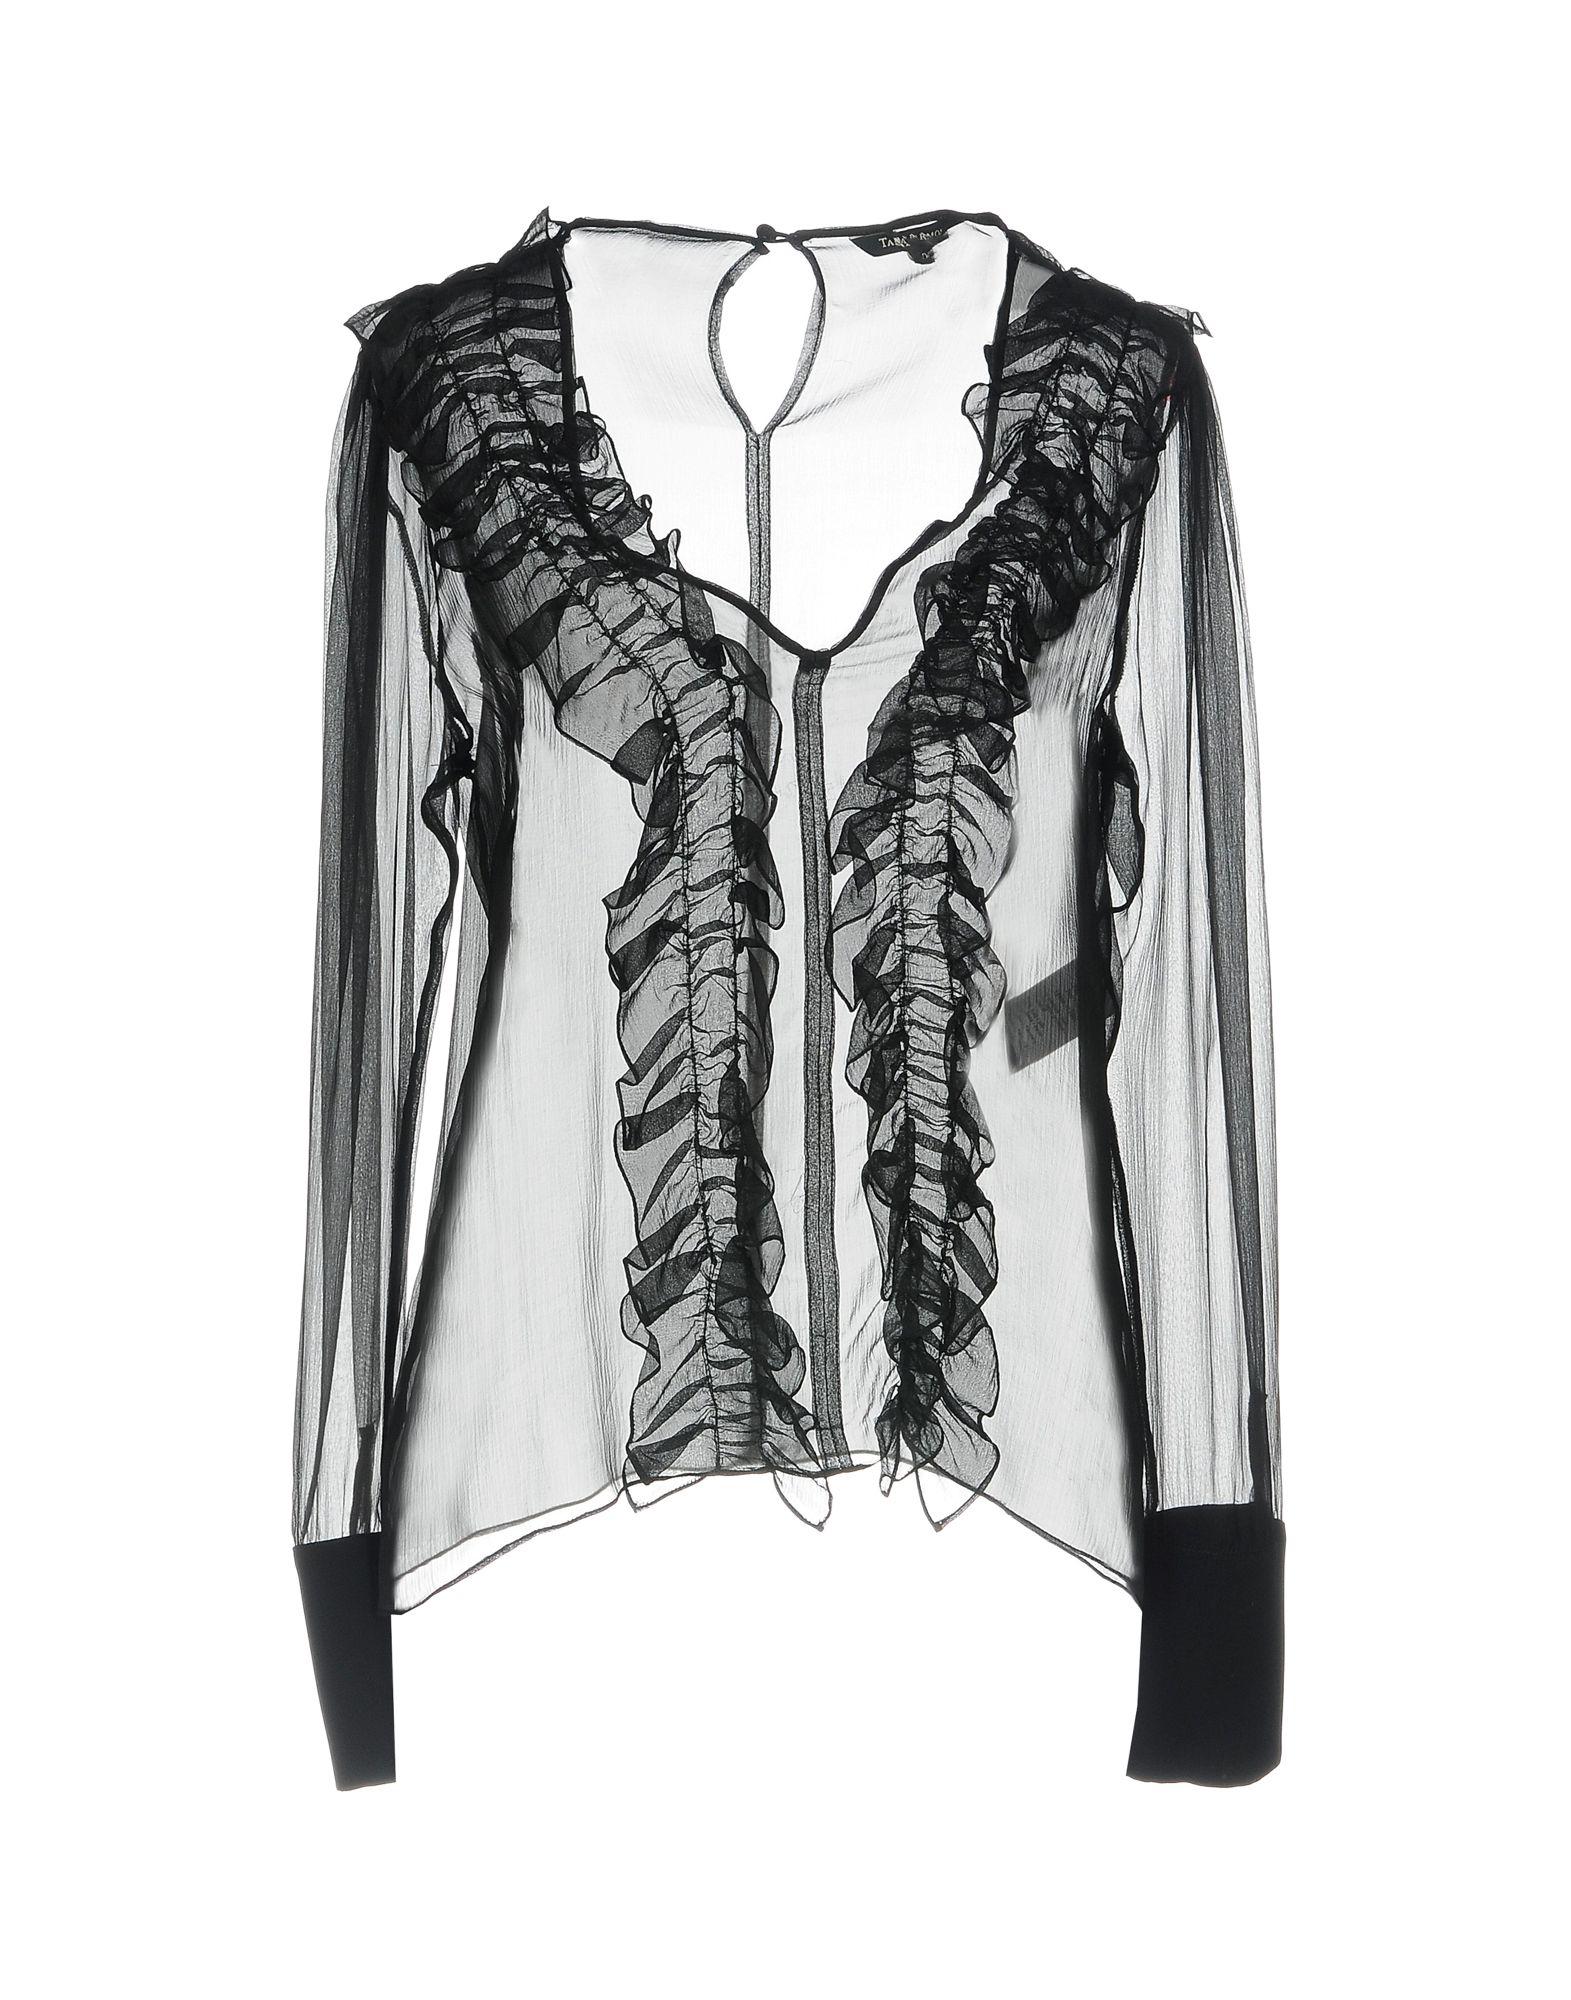 Фото - TARA JARMON Блузка tara jarmon шелковая блузка с принтом